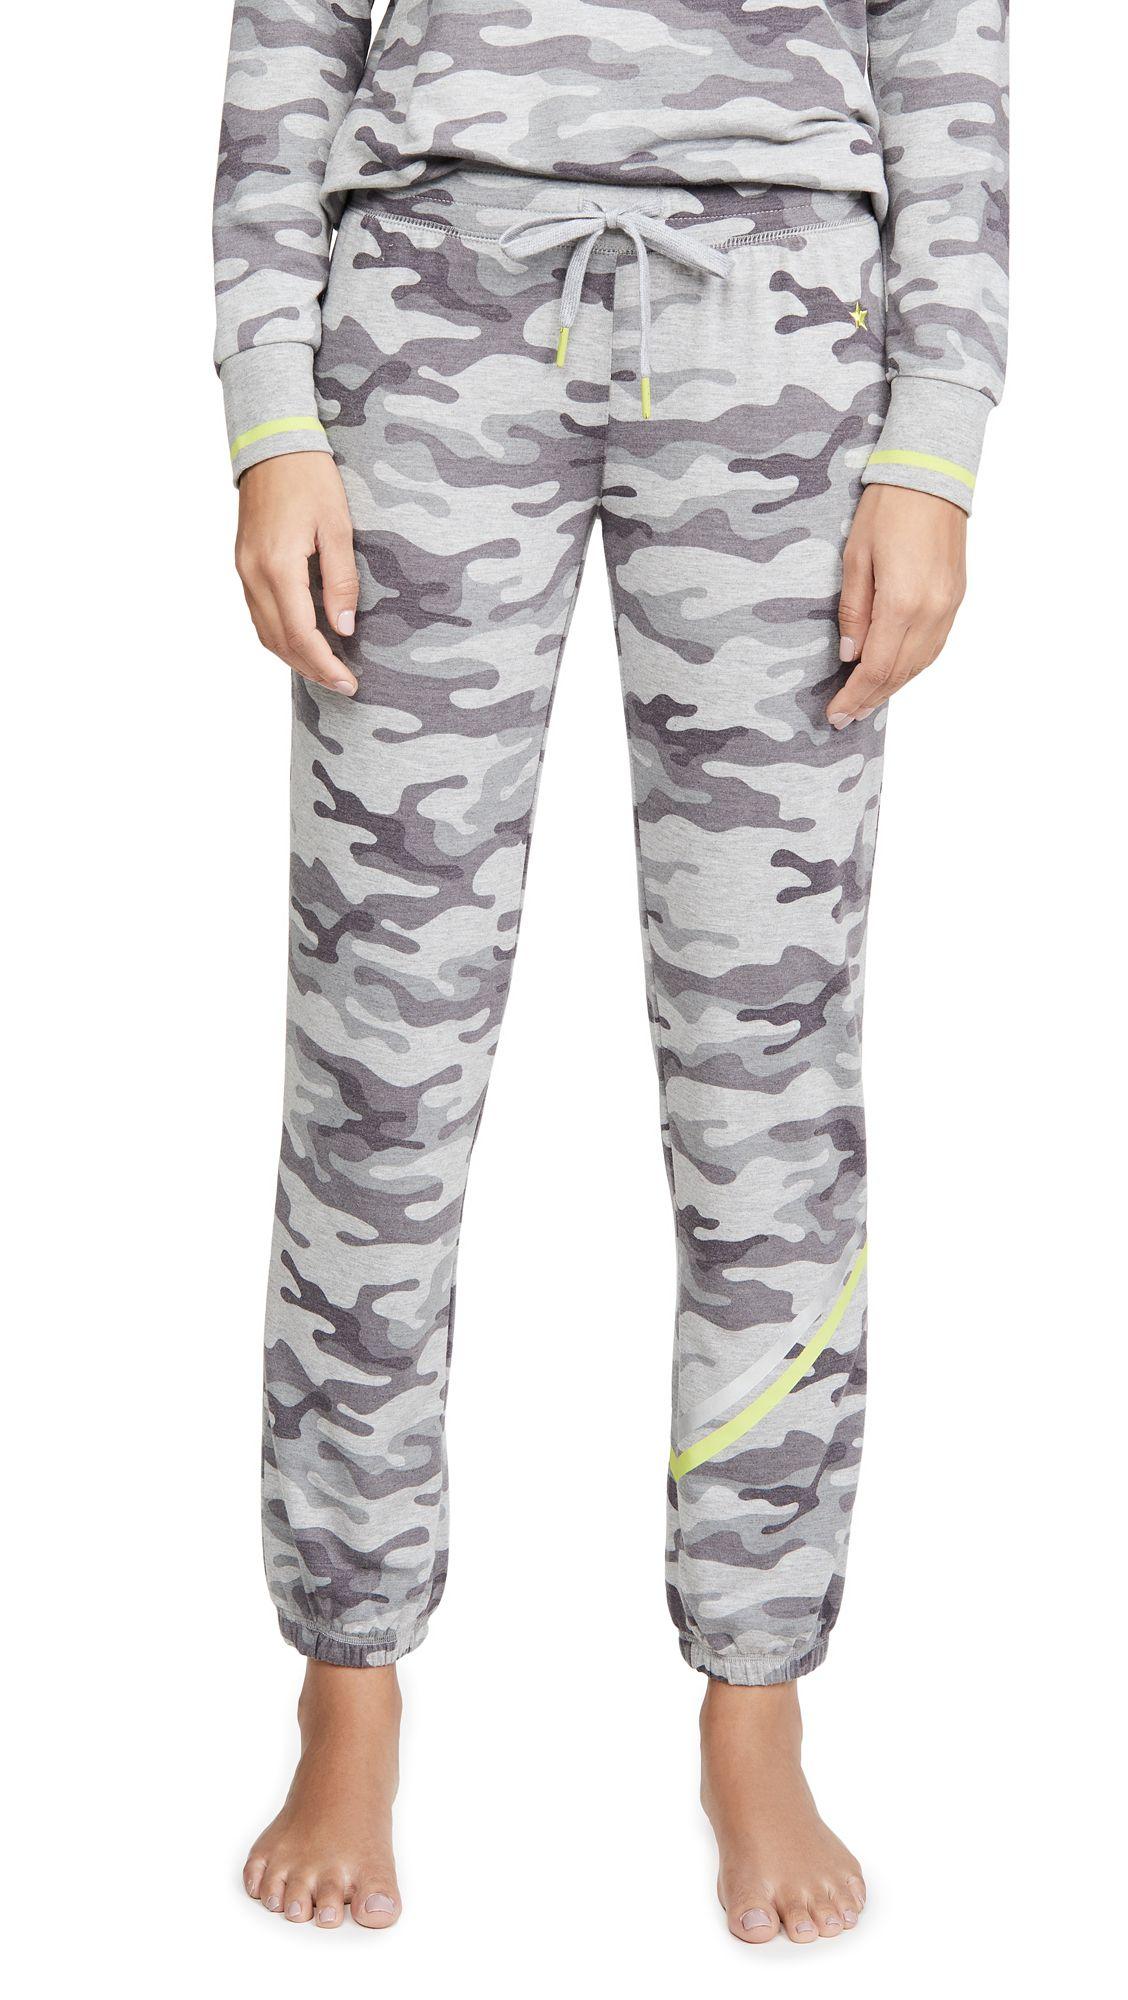 PJ Salvage Womens Neon Pop Short Pajama Bottom